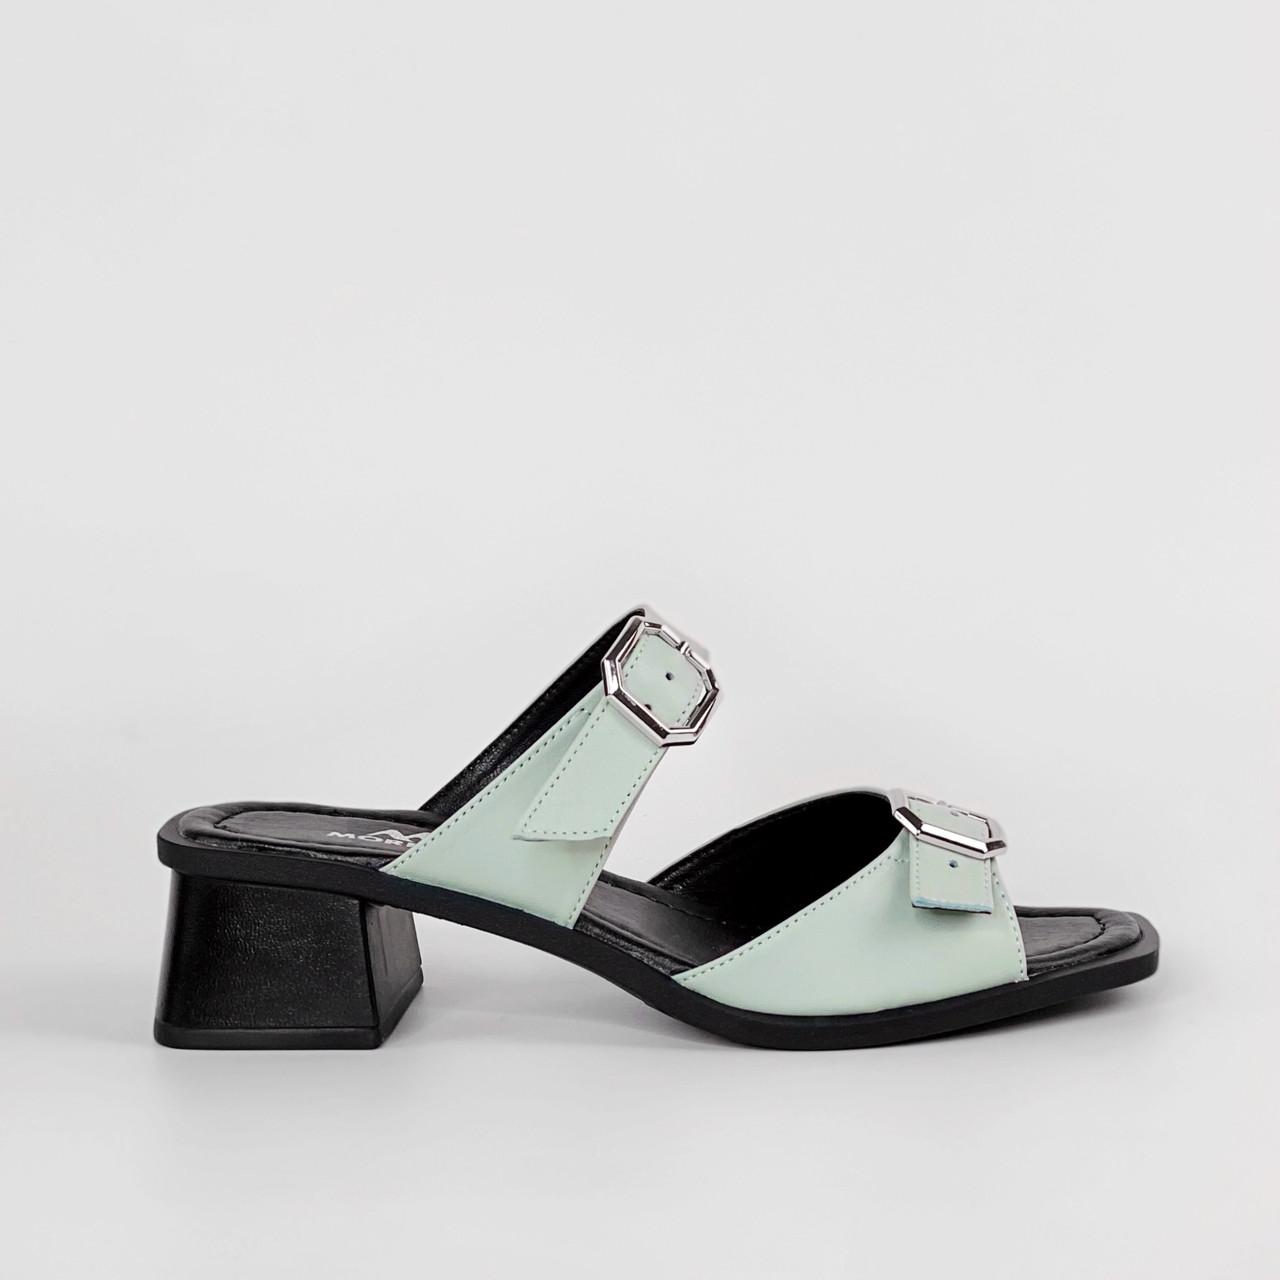 Сабо женские кожаные мятные на каблуке с пряжками MORENTO